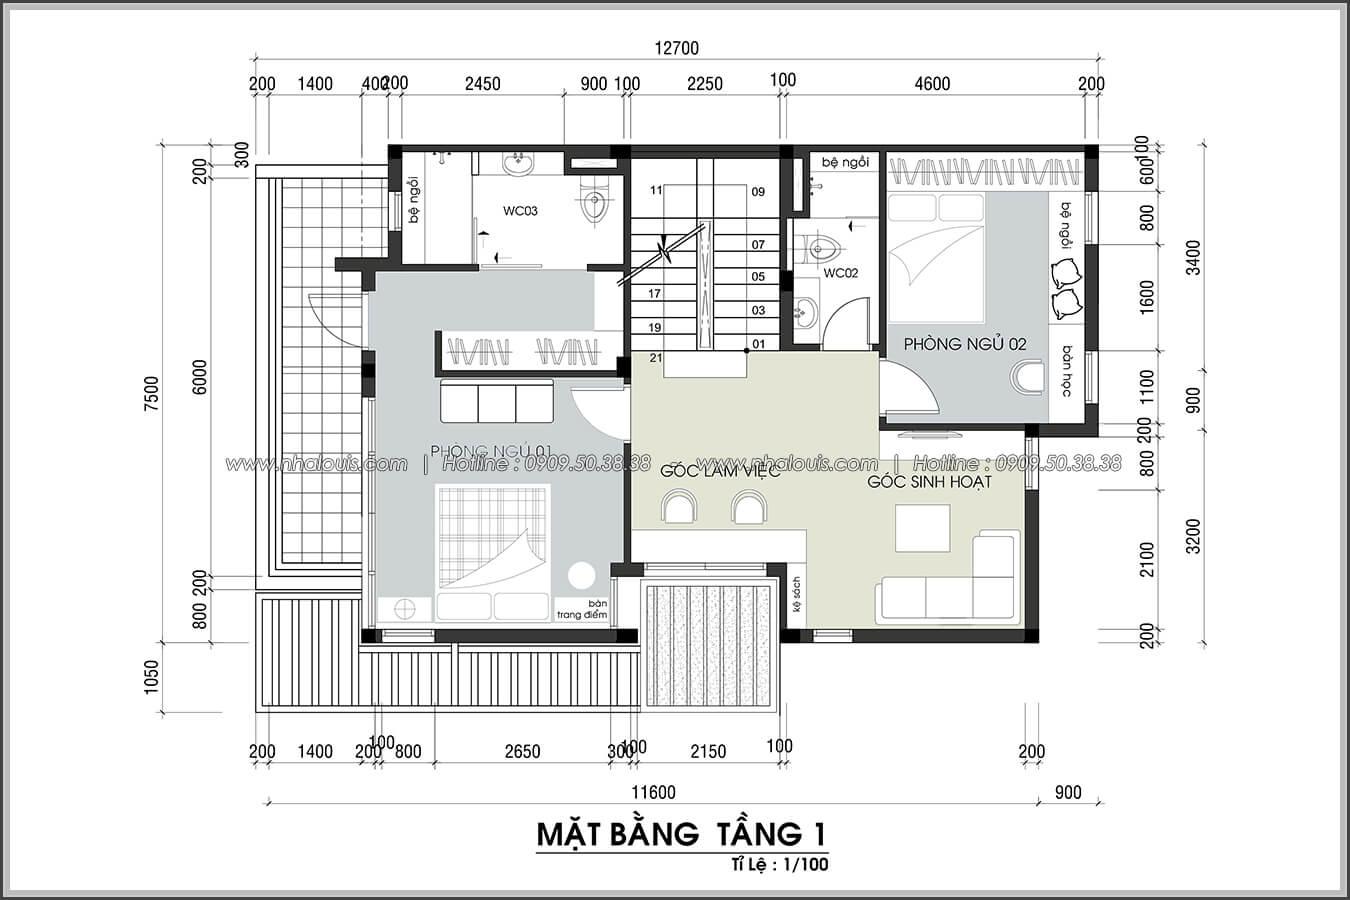 Mặt bằng tầng 1 Thiết kế nội thất biệt thự hiện đại đẹp tại dự án Lucasta Villa đẳng cấp - 18